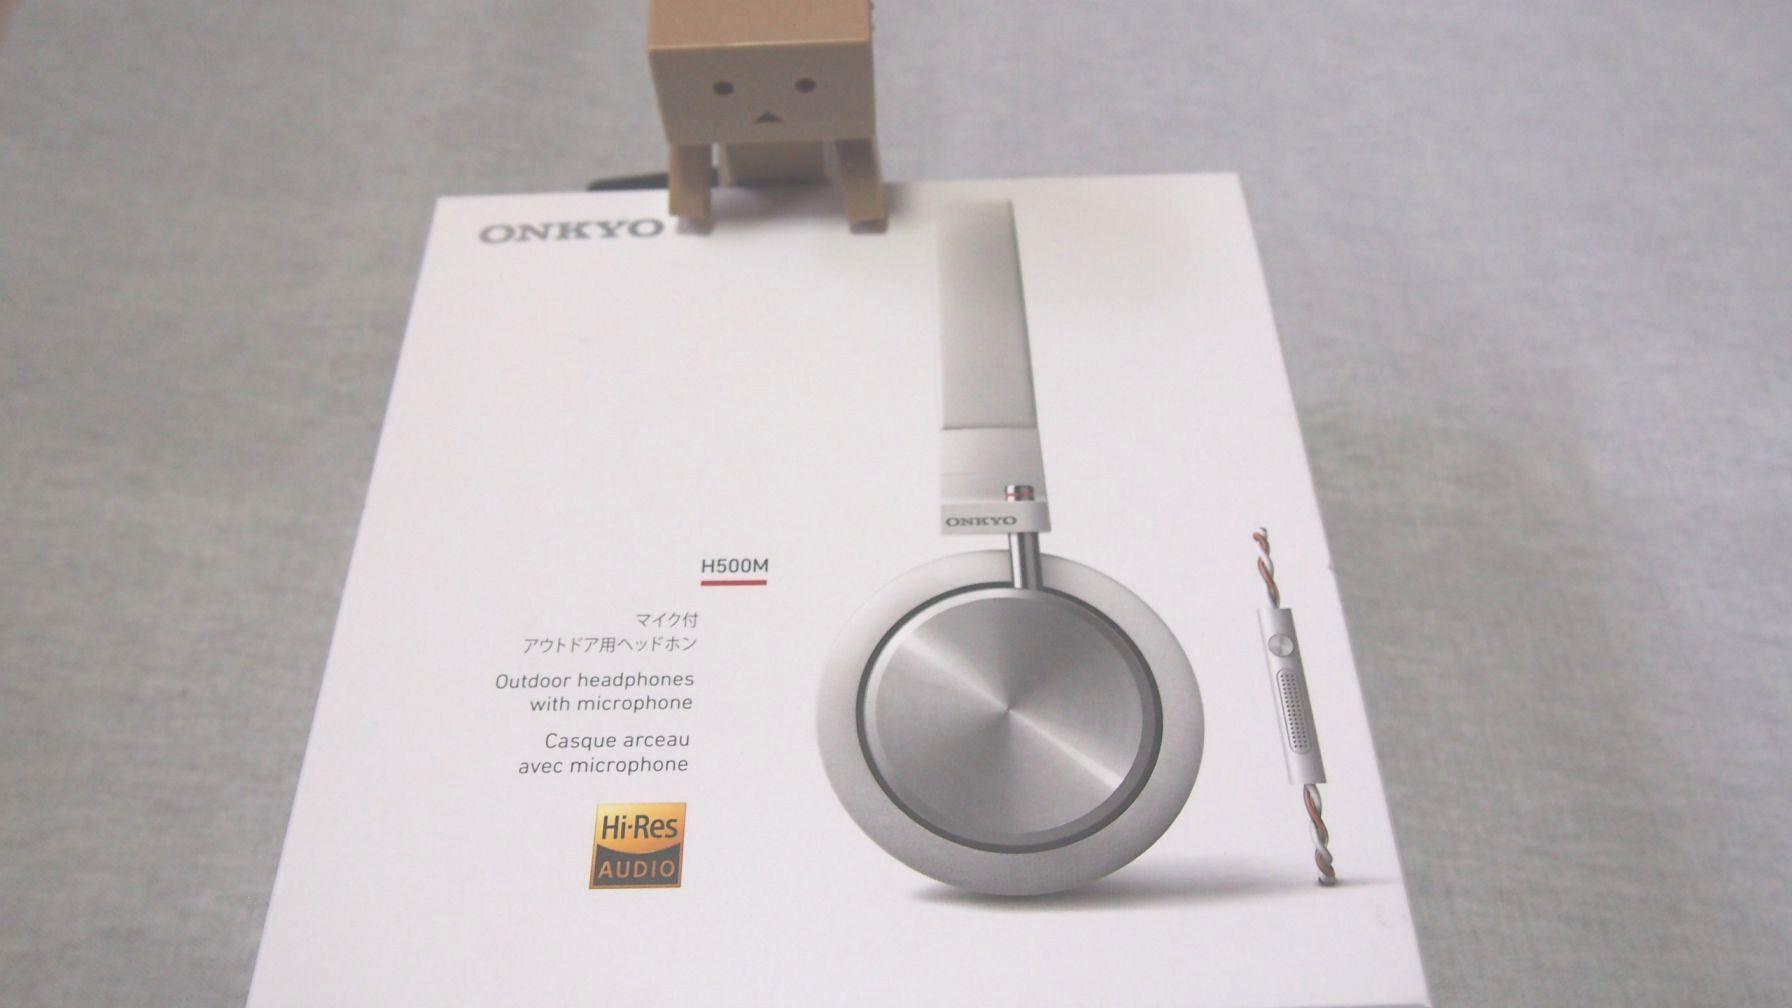 ONKYO H500M